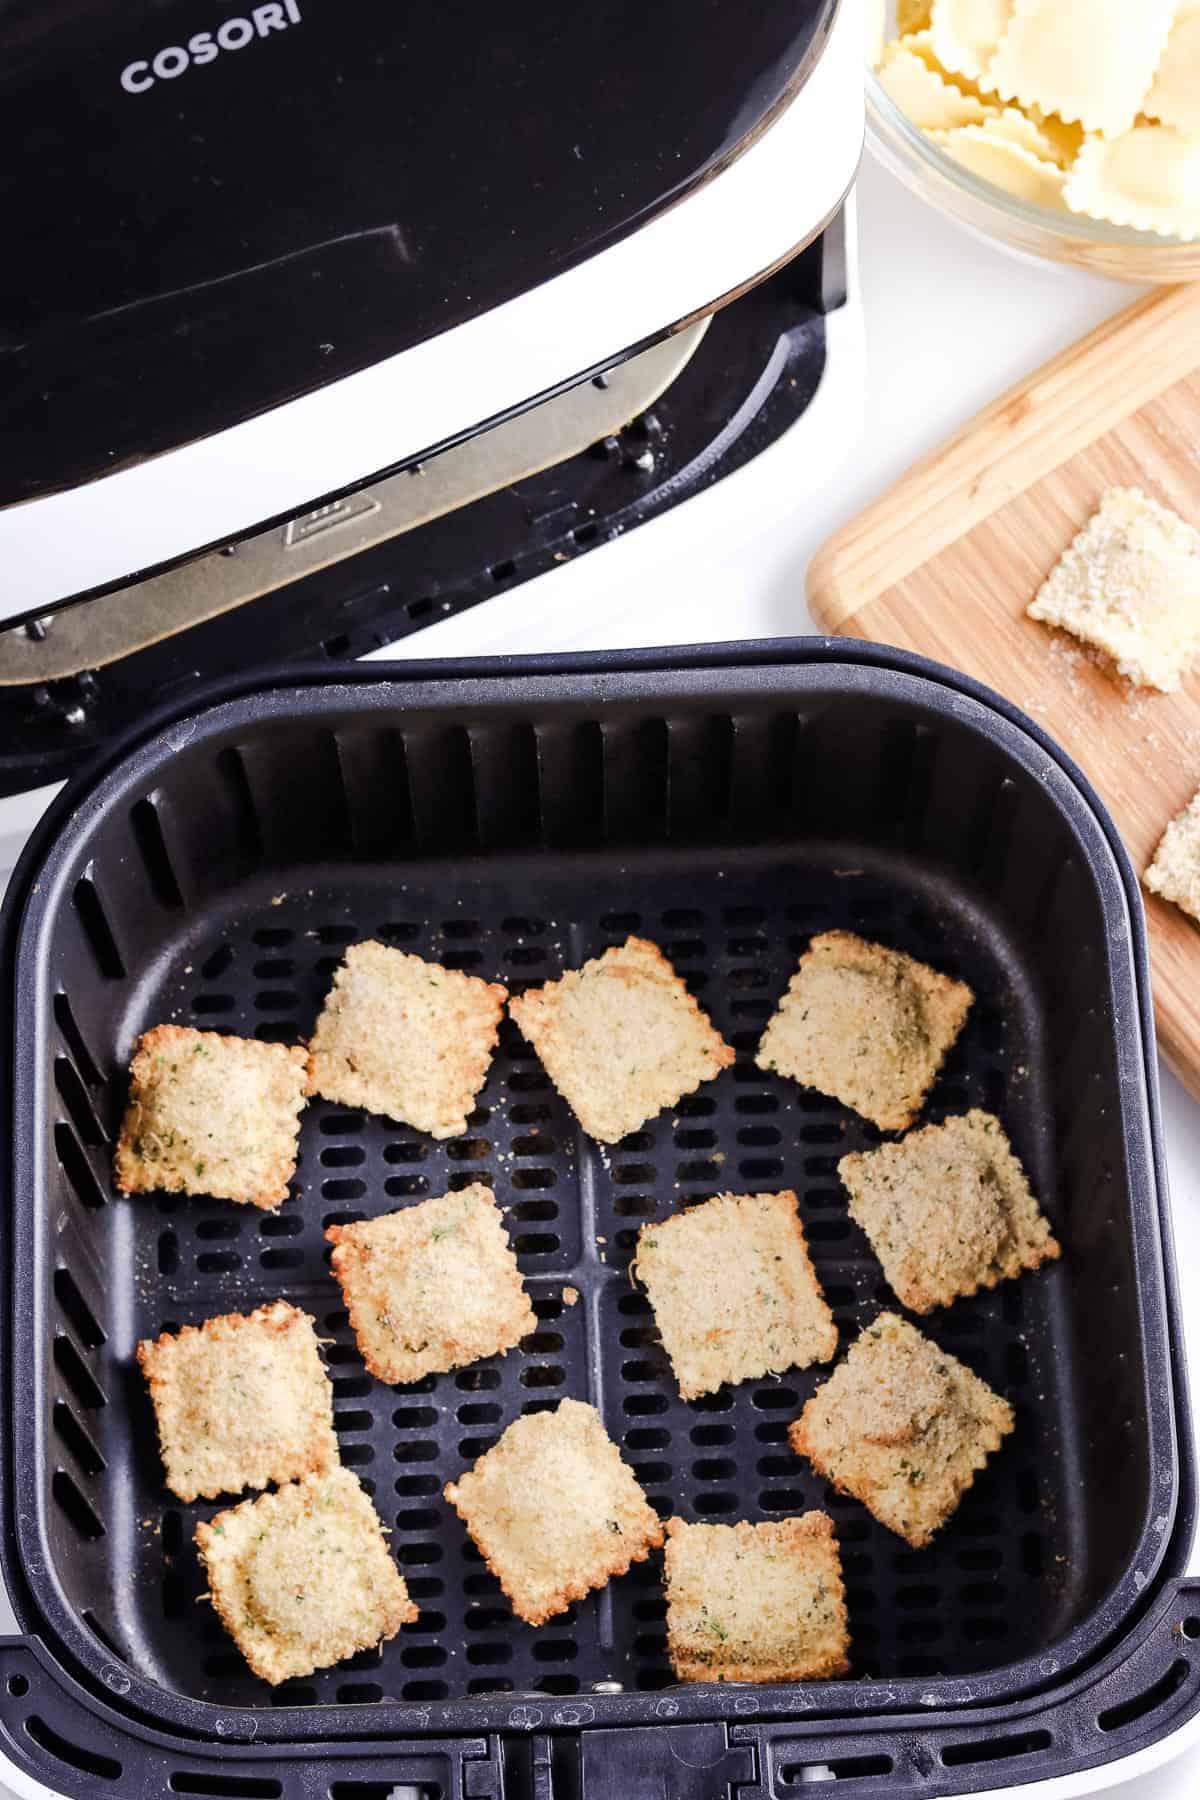 Ravioli in air fryer basket